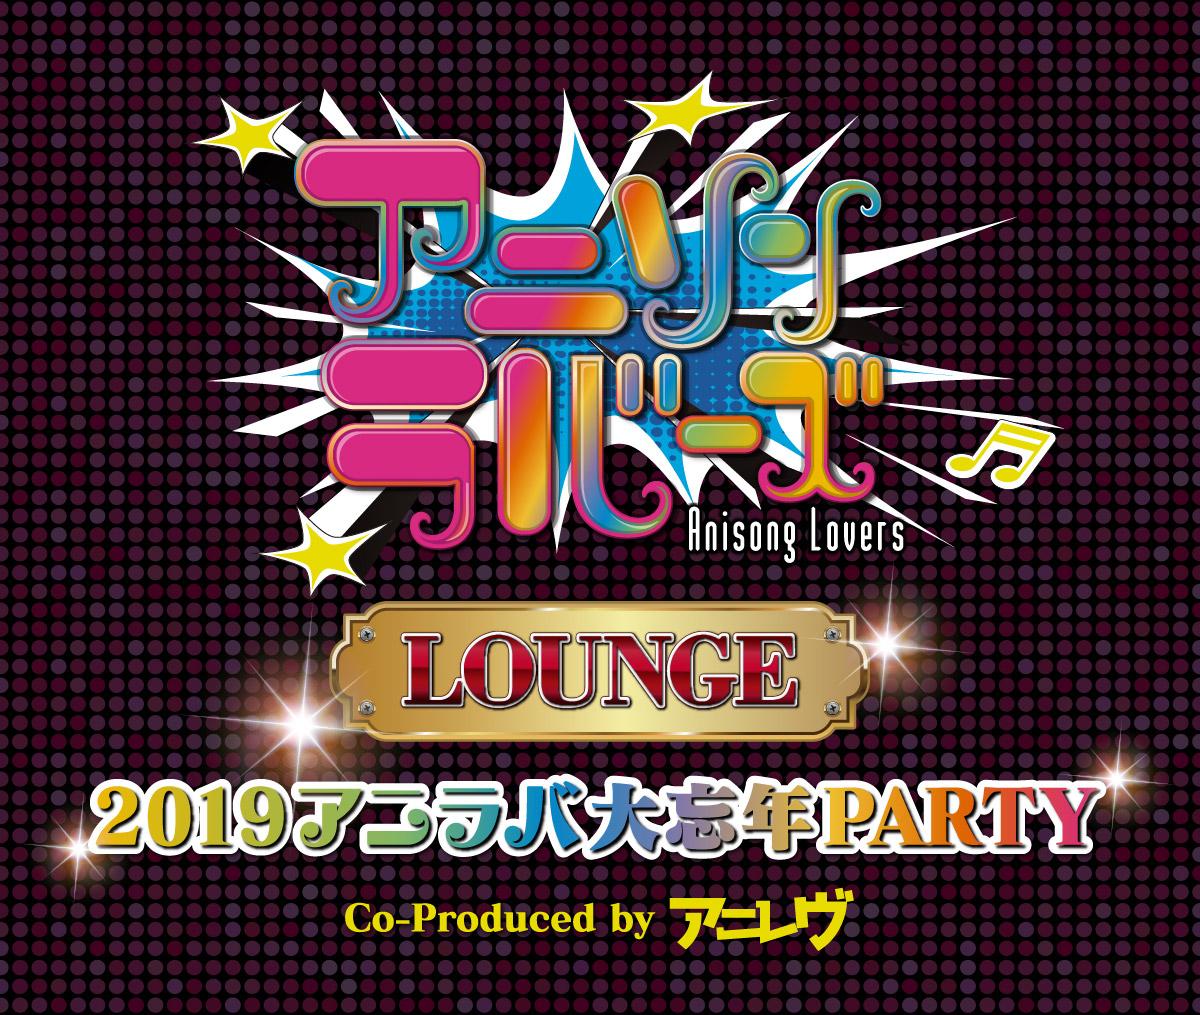 アニソンラバーズLOUNGE ~2019アニラバ大忘年PARTY~ Co-Produced by アニレヴ